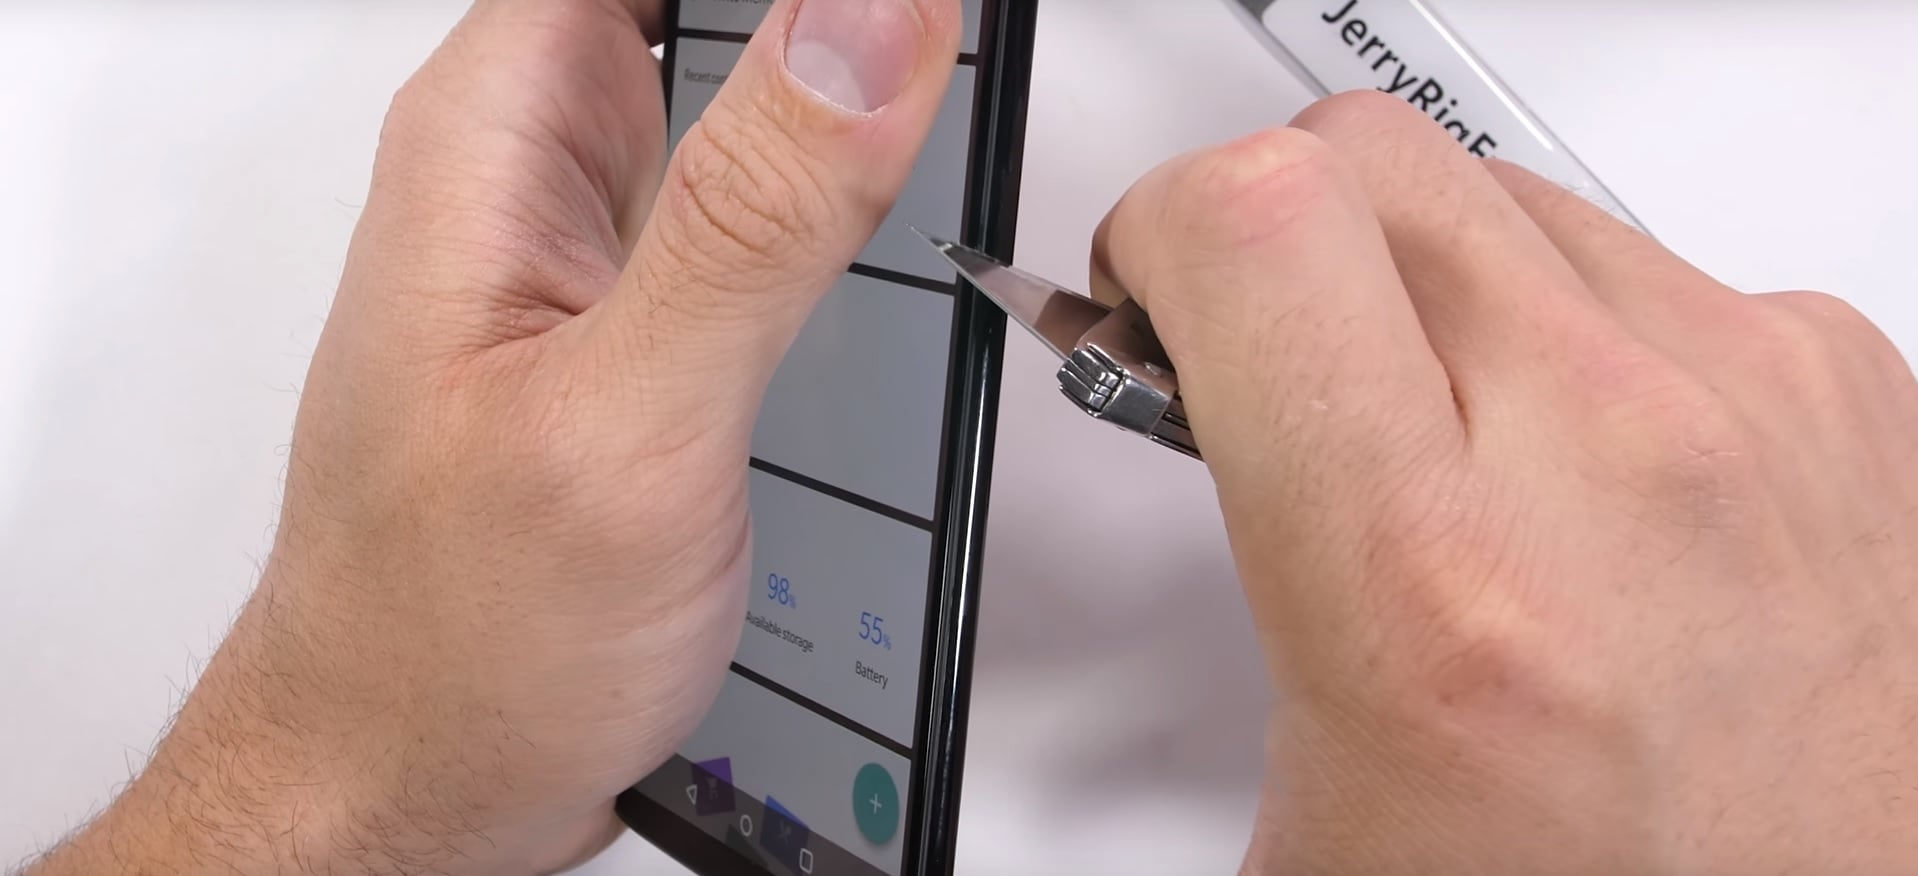 Nie lubię coverów i szkieł hartowanych. Z jakiego smartfona powinienem korzystać? Według tego testu, z OnePlus 6 26